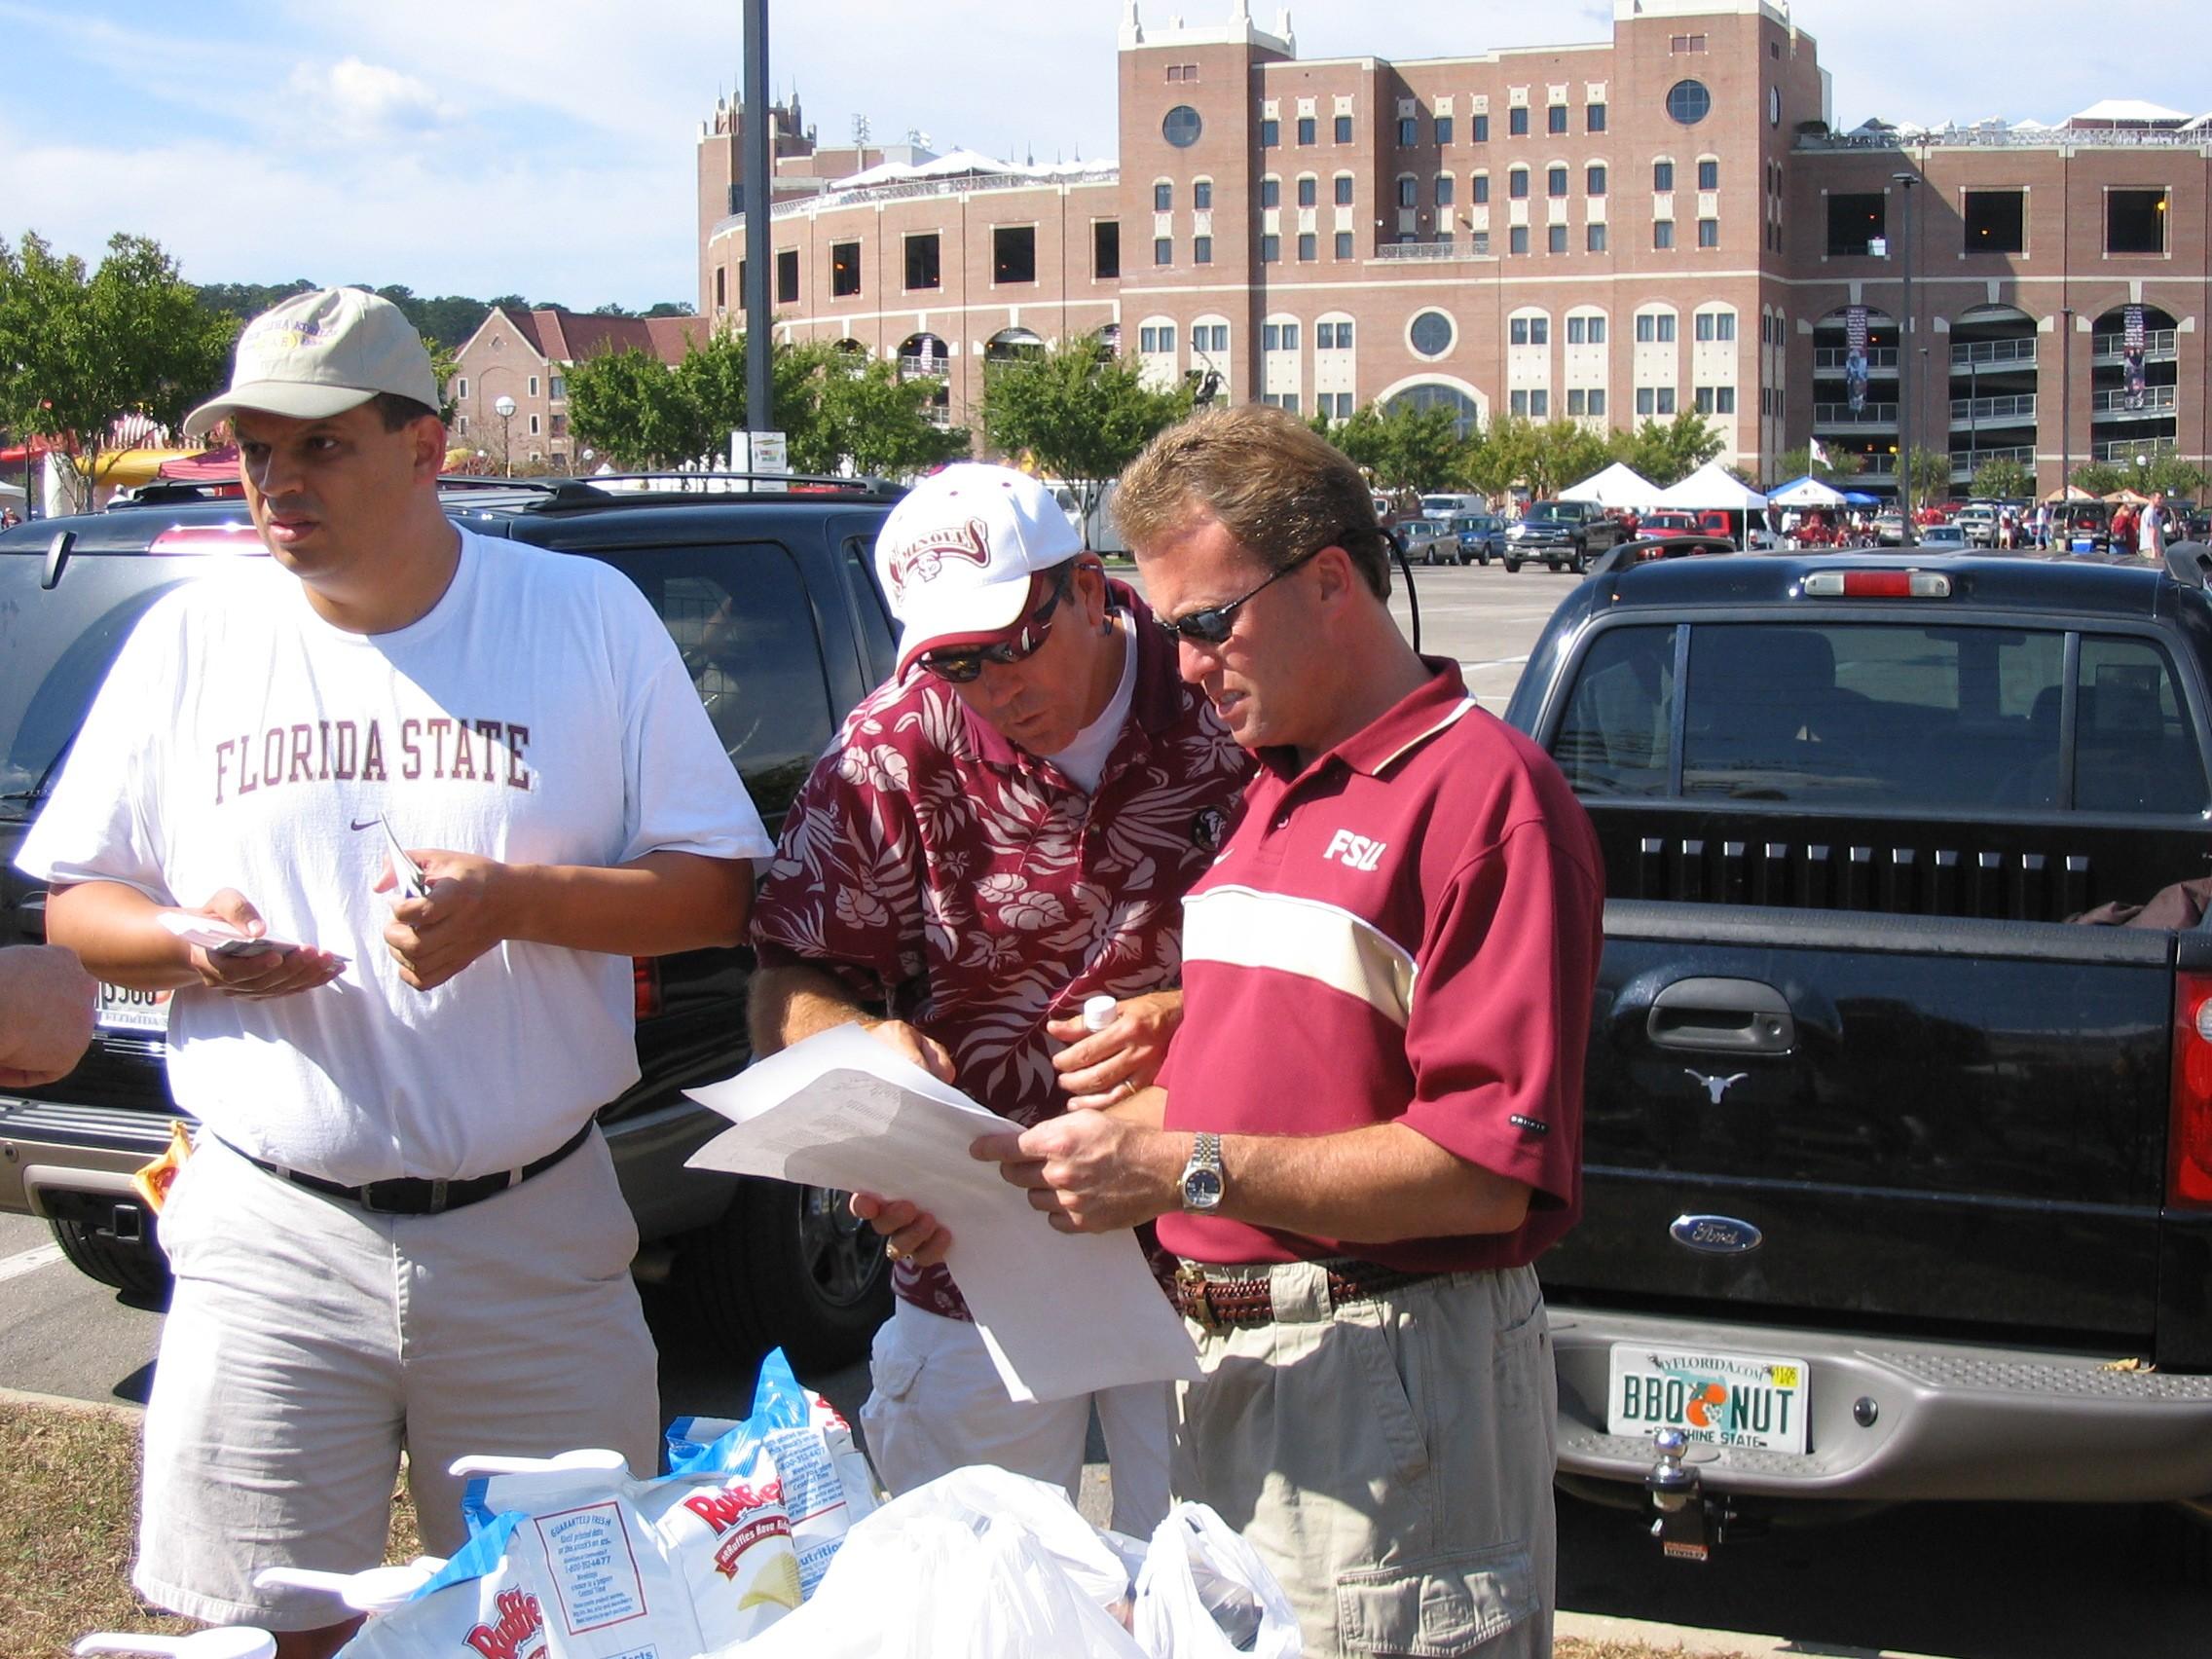 2005 alumni tailgate-AlexGrohmann, TomJackson, JoeHouston.JPG